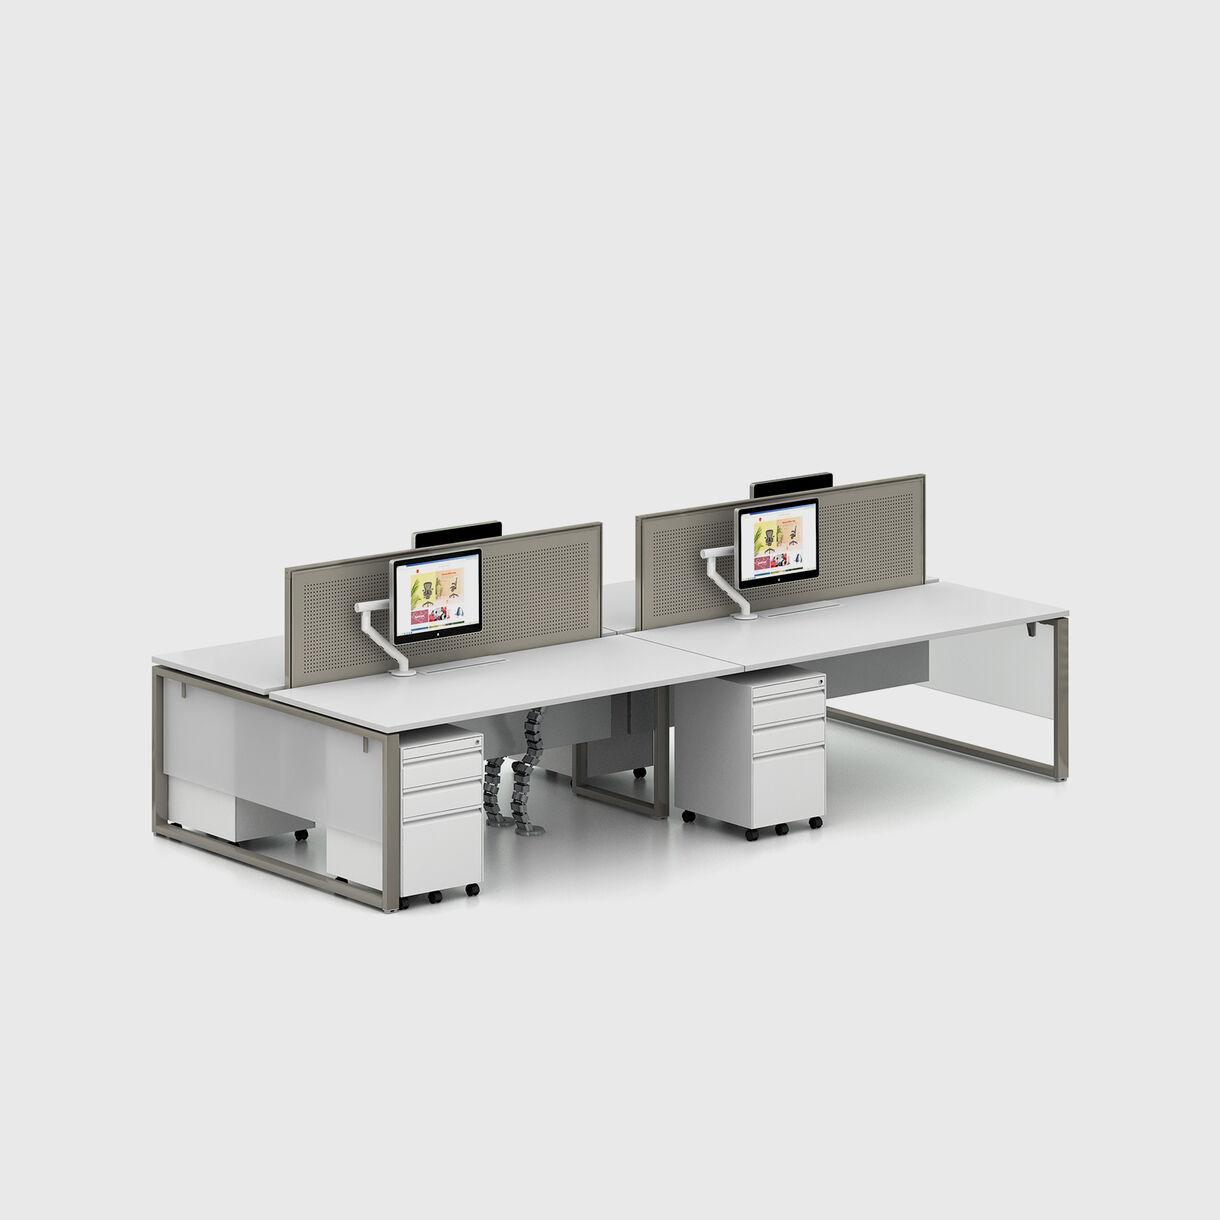 Imagine Desking System